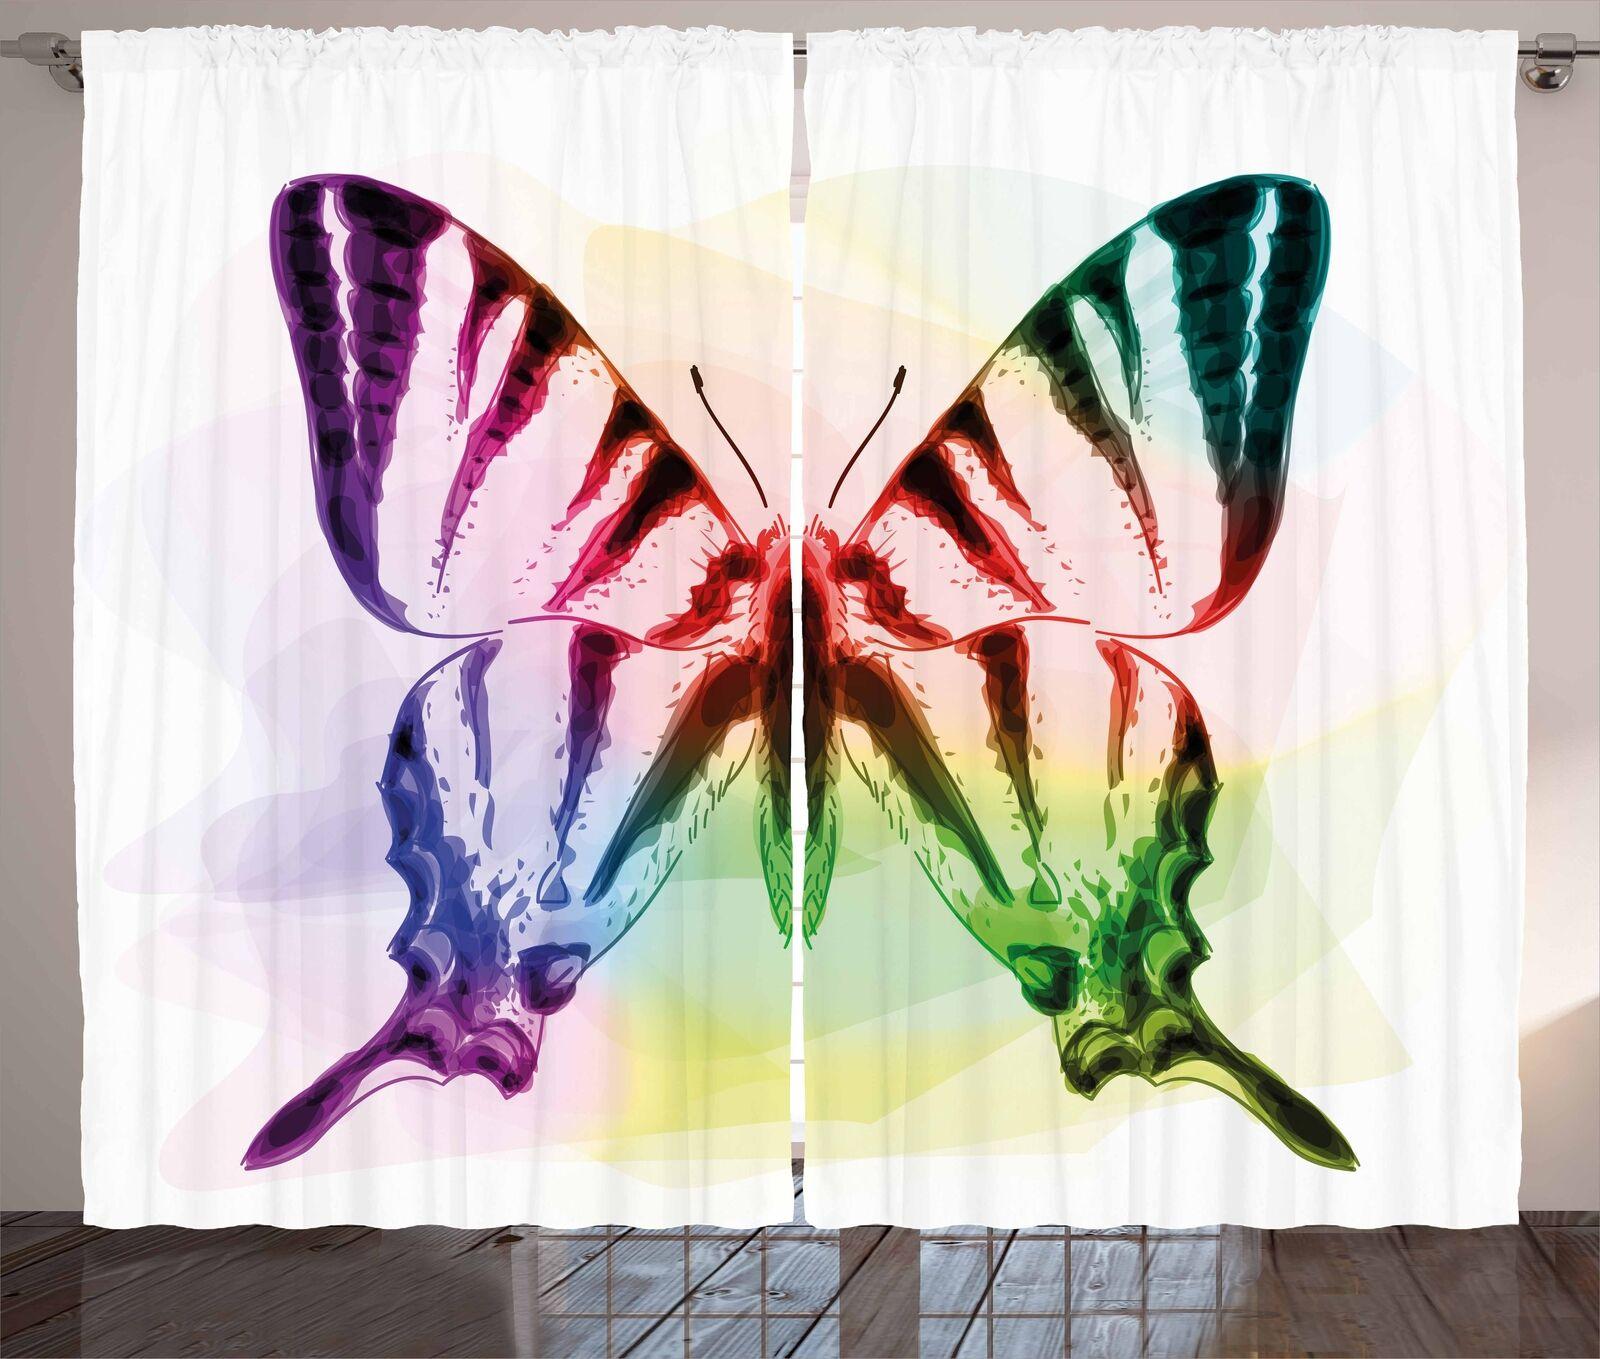 Conjunto de 2 Paneles Cortinas Swallowtail Mariposa Decoración 5 Tamaños Disponibles Ventana Cortinas